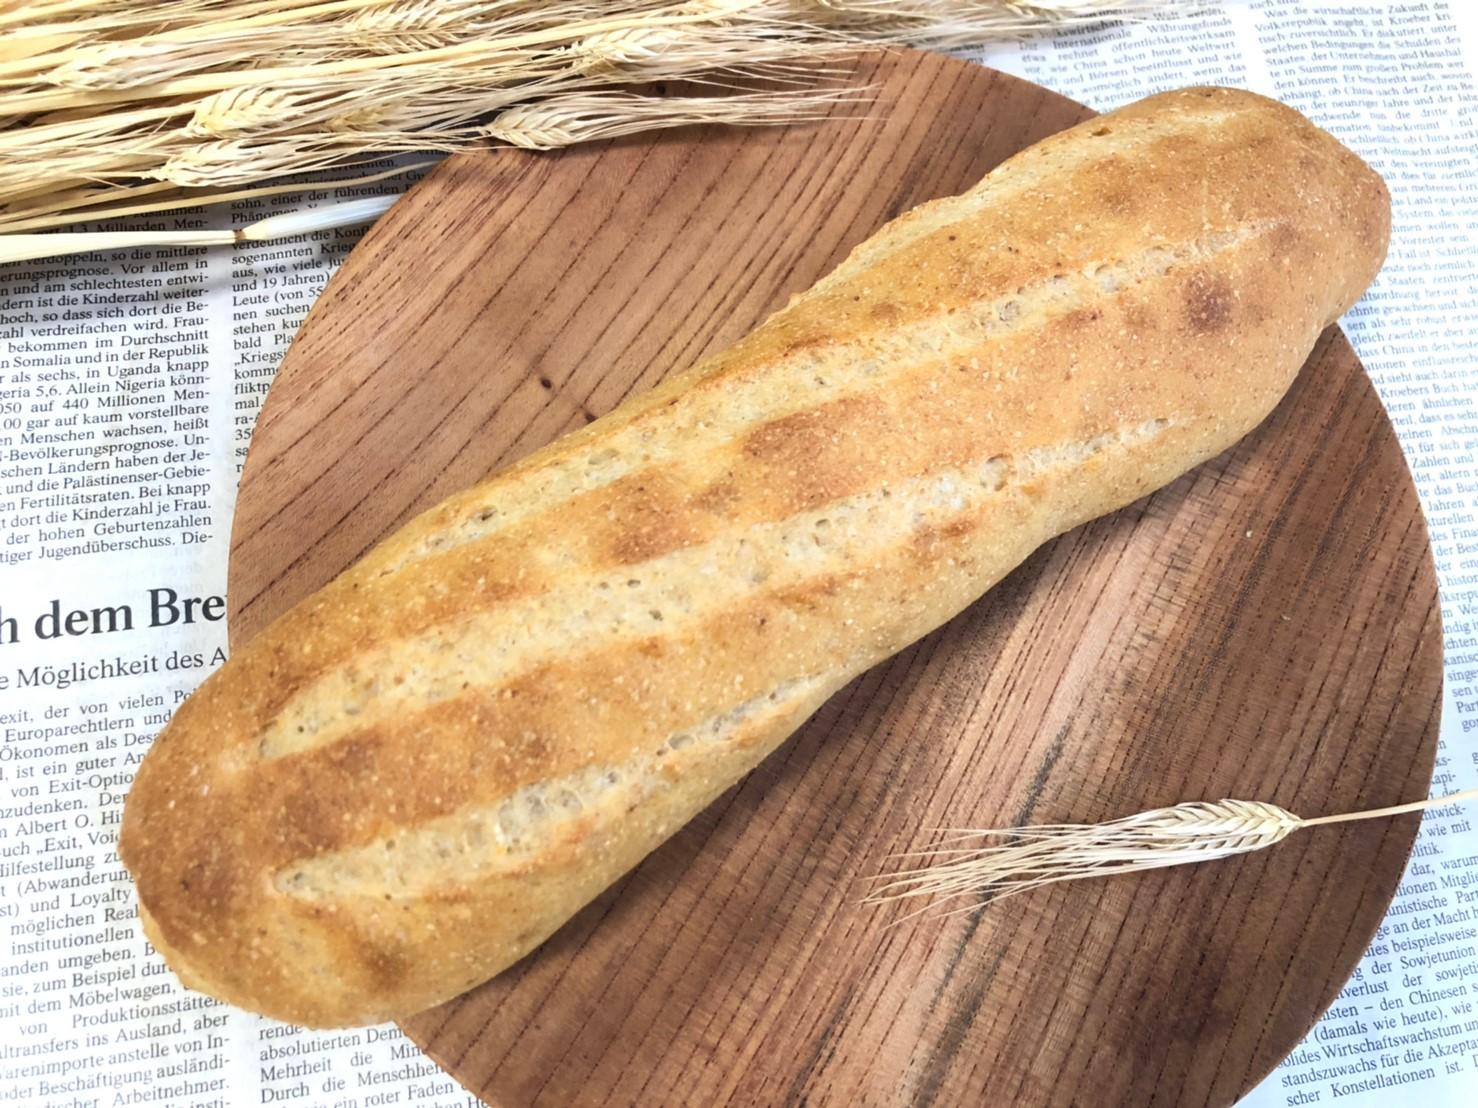 <p>ライ麦粉を粉の20%配合して焼き上げました。ライ麦の、ほのかな酸味が広がる食べやすいパンです。</p>